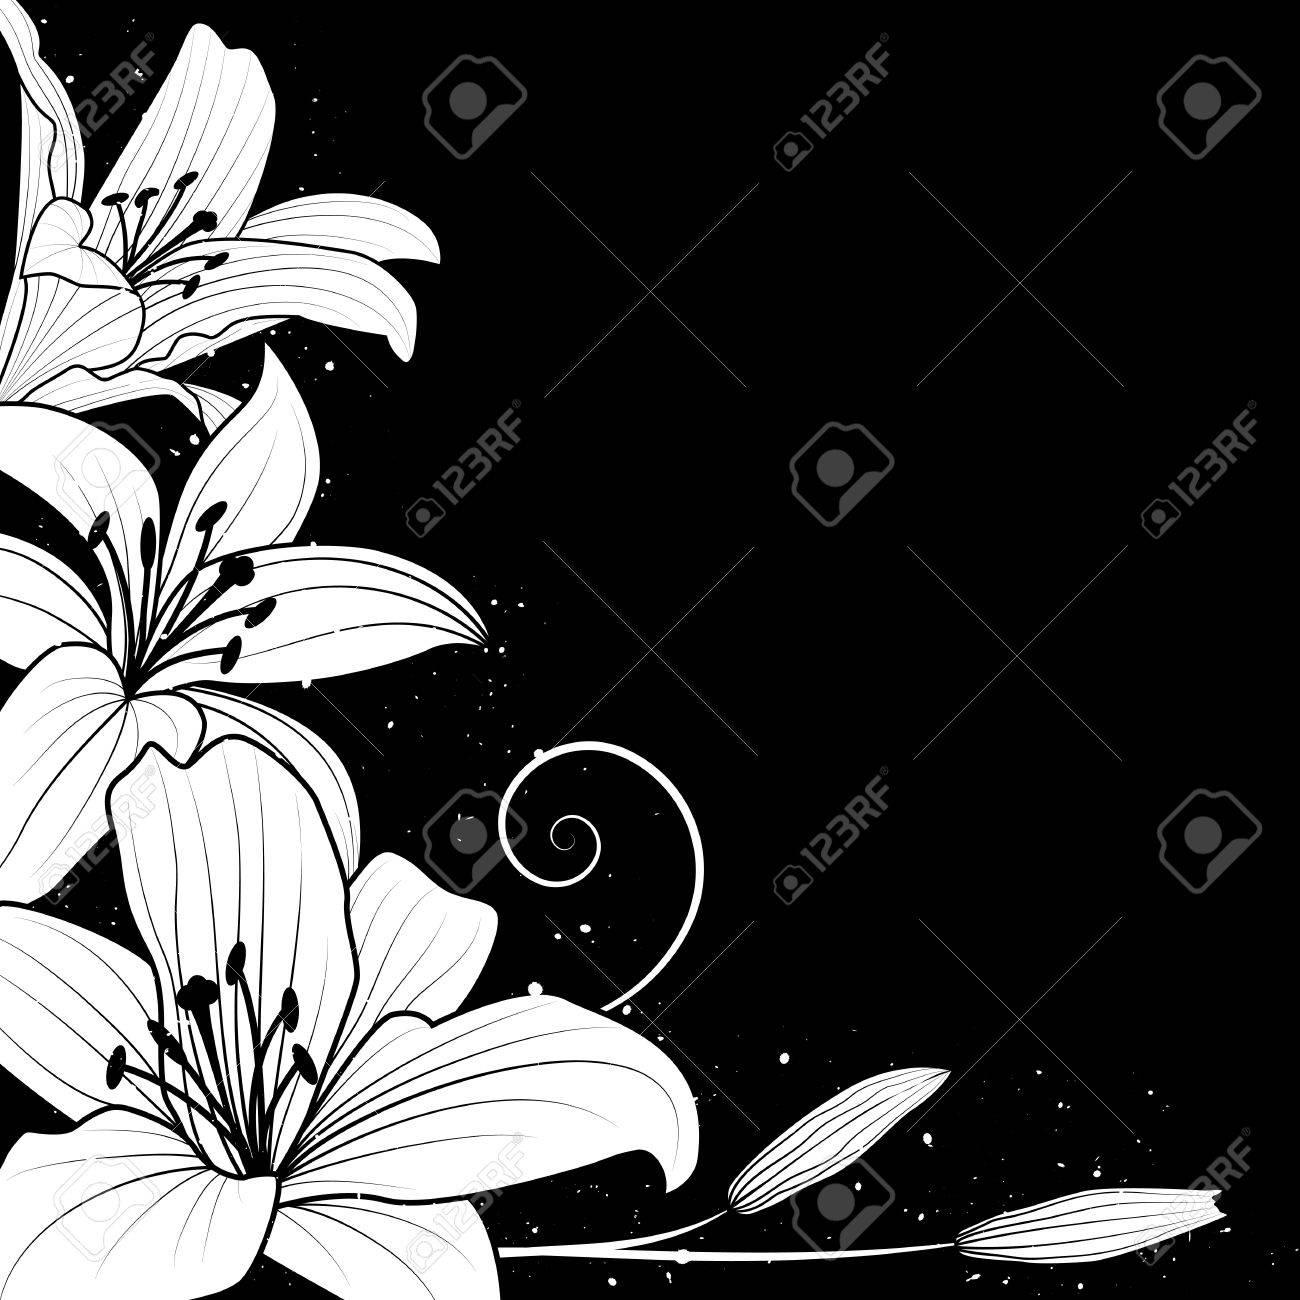 Connu Illustration Avec Des Fleurs De Lys Aux Couleurs Noir Et Blanc  NB99